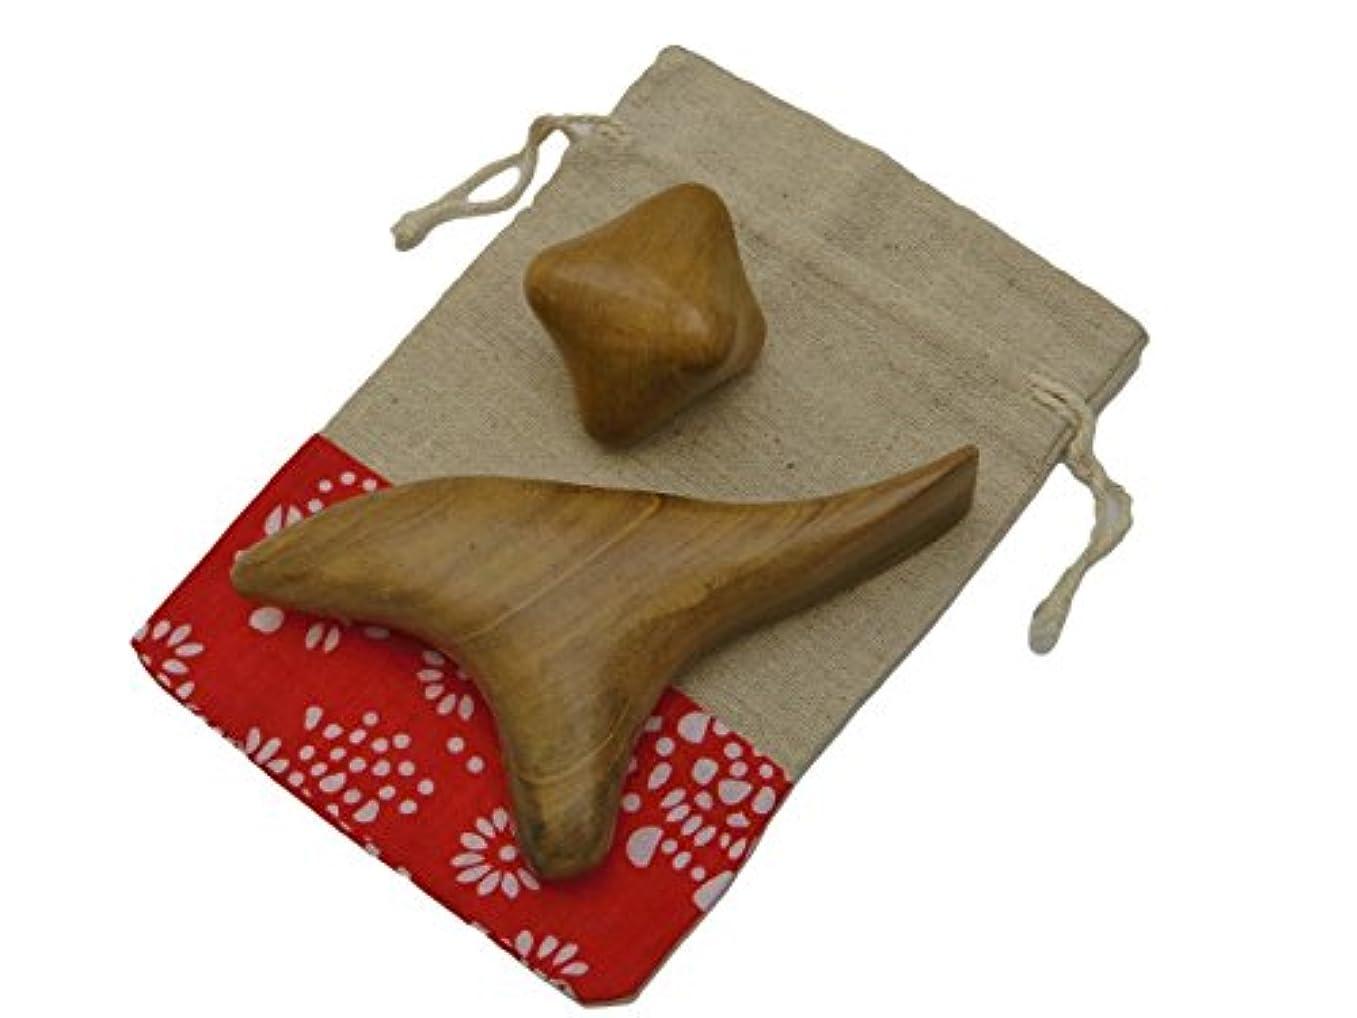 害虫険しい汚染するImport miscellaneous goods 木製 指圧 棒 ツボ 押し マッサージ 玉 リンパ 足 手 つぼ かっさ 2